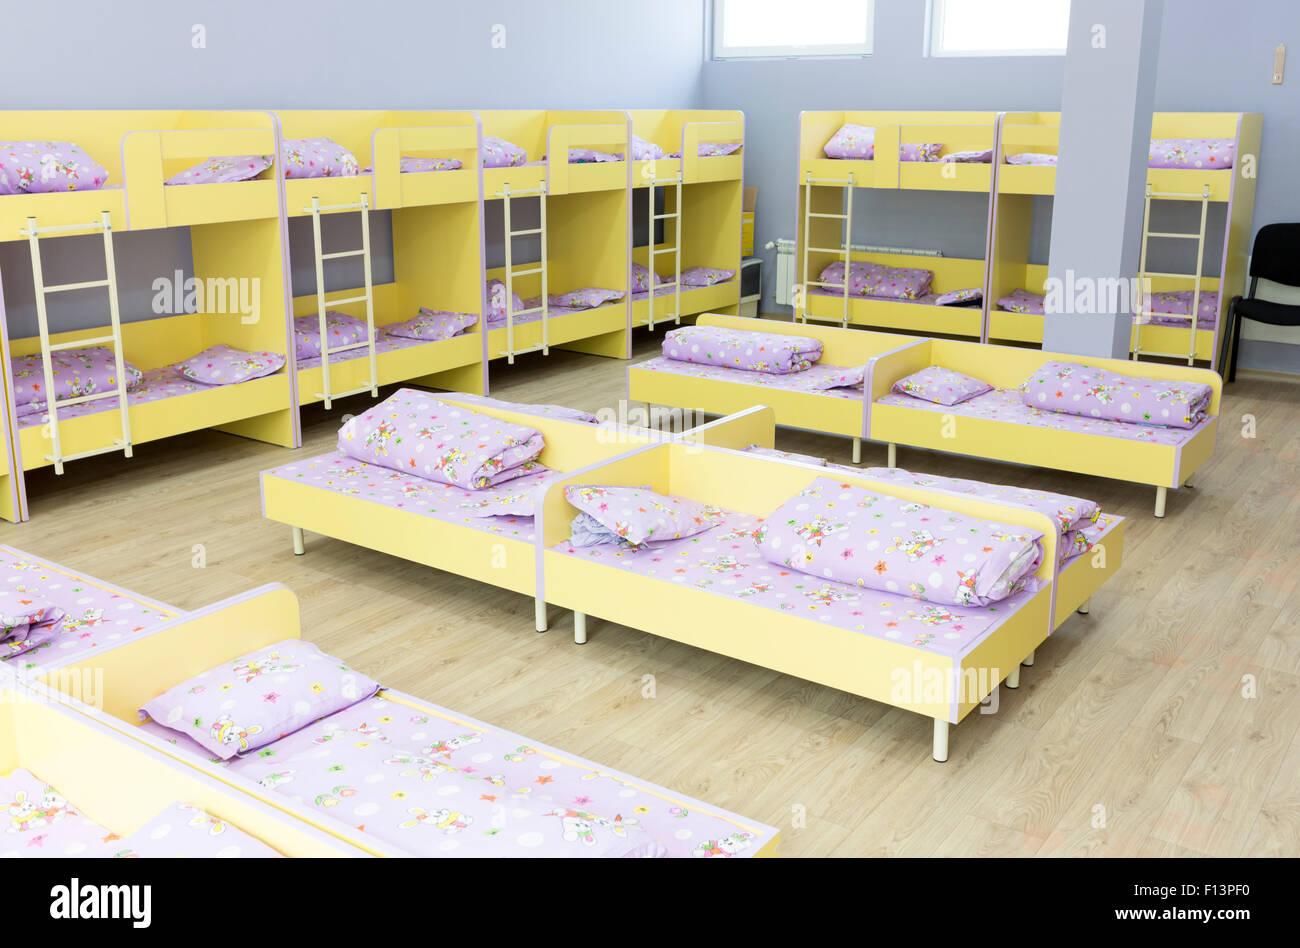 Letti A Castello Per Bambini Piccoli.Moderna Camera Da Letto Kindergarten Con Piccoli Letti A Castello